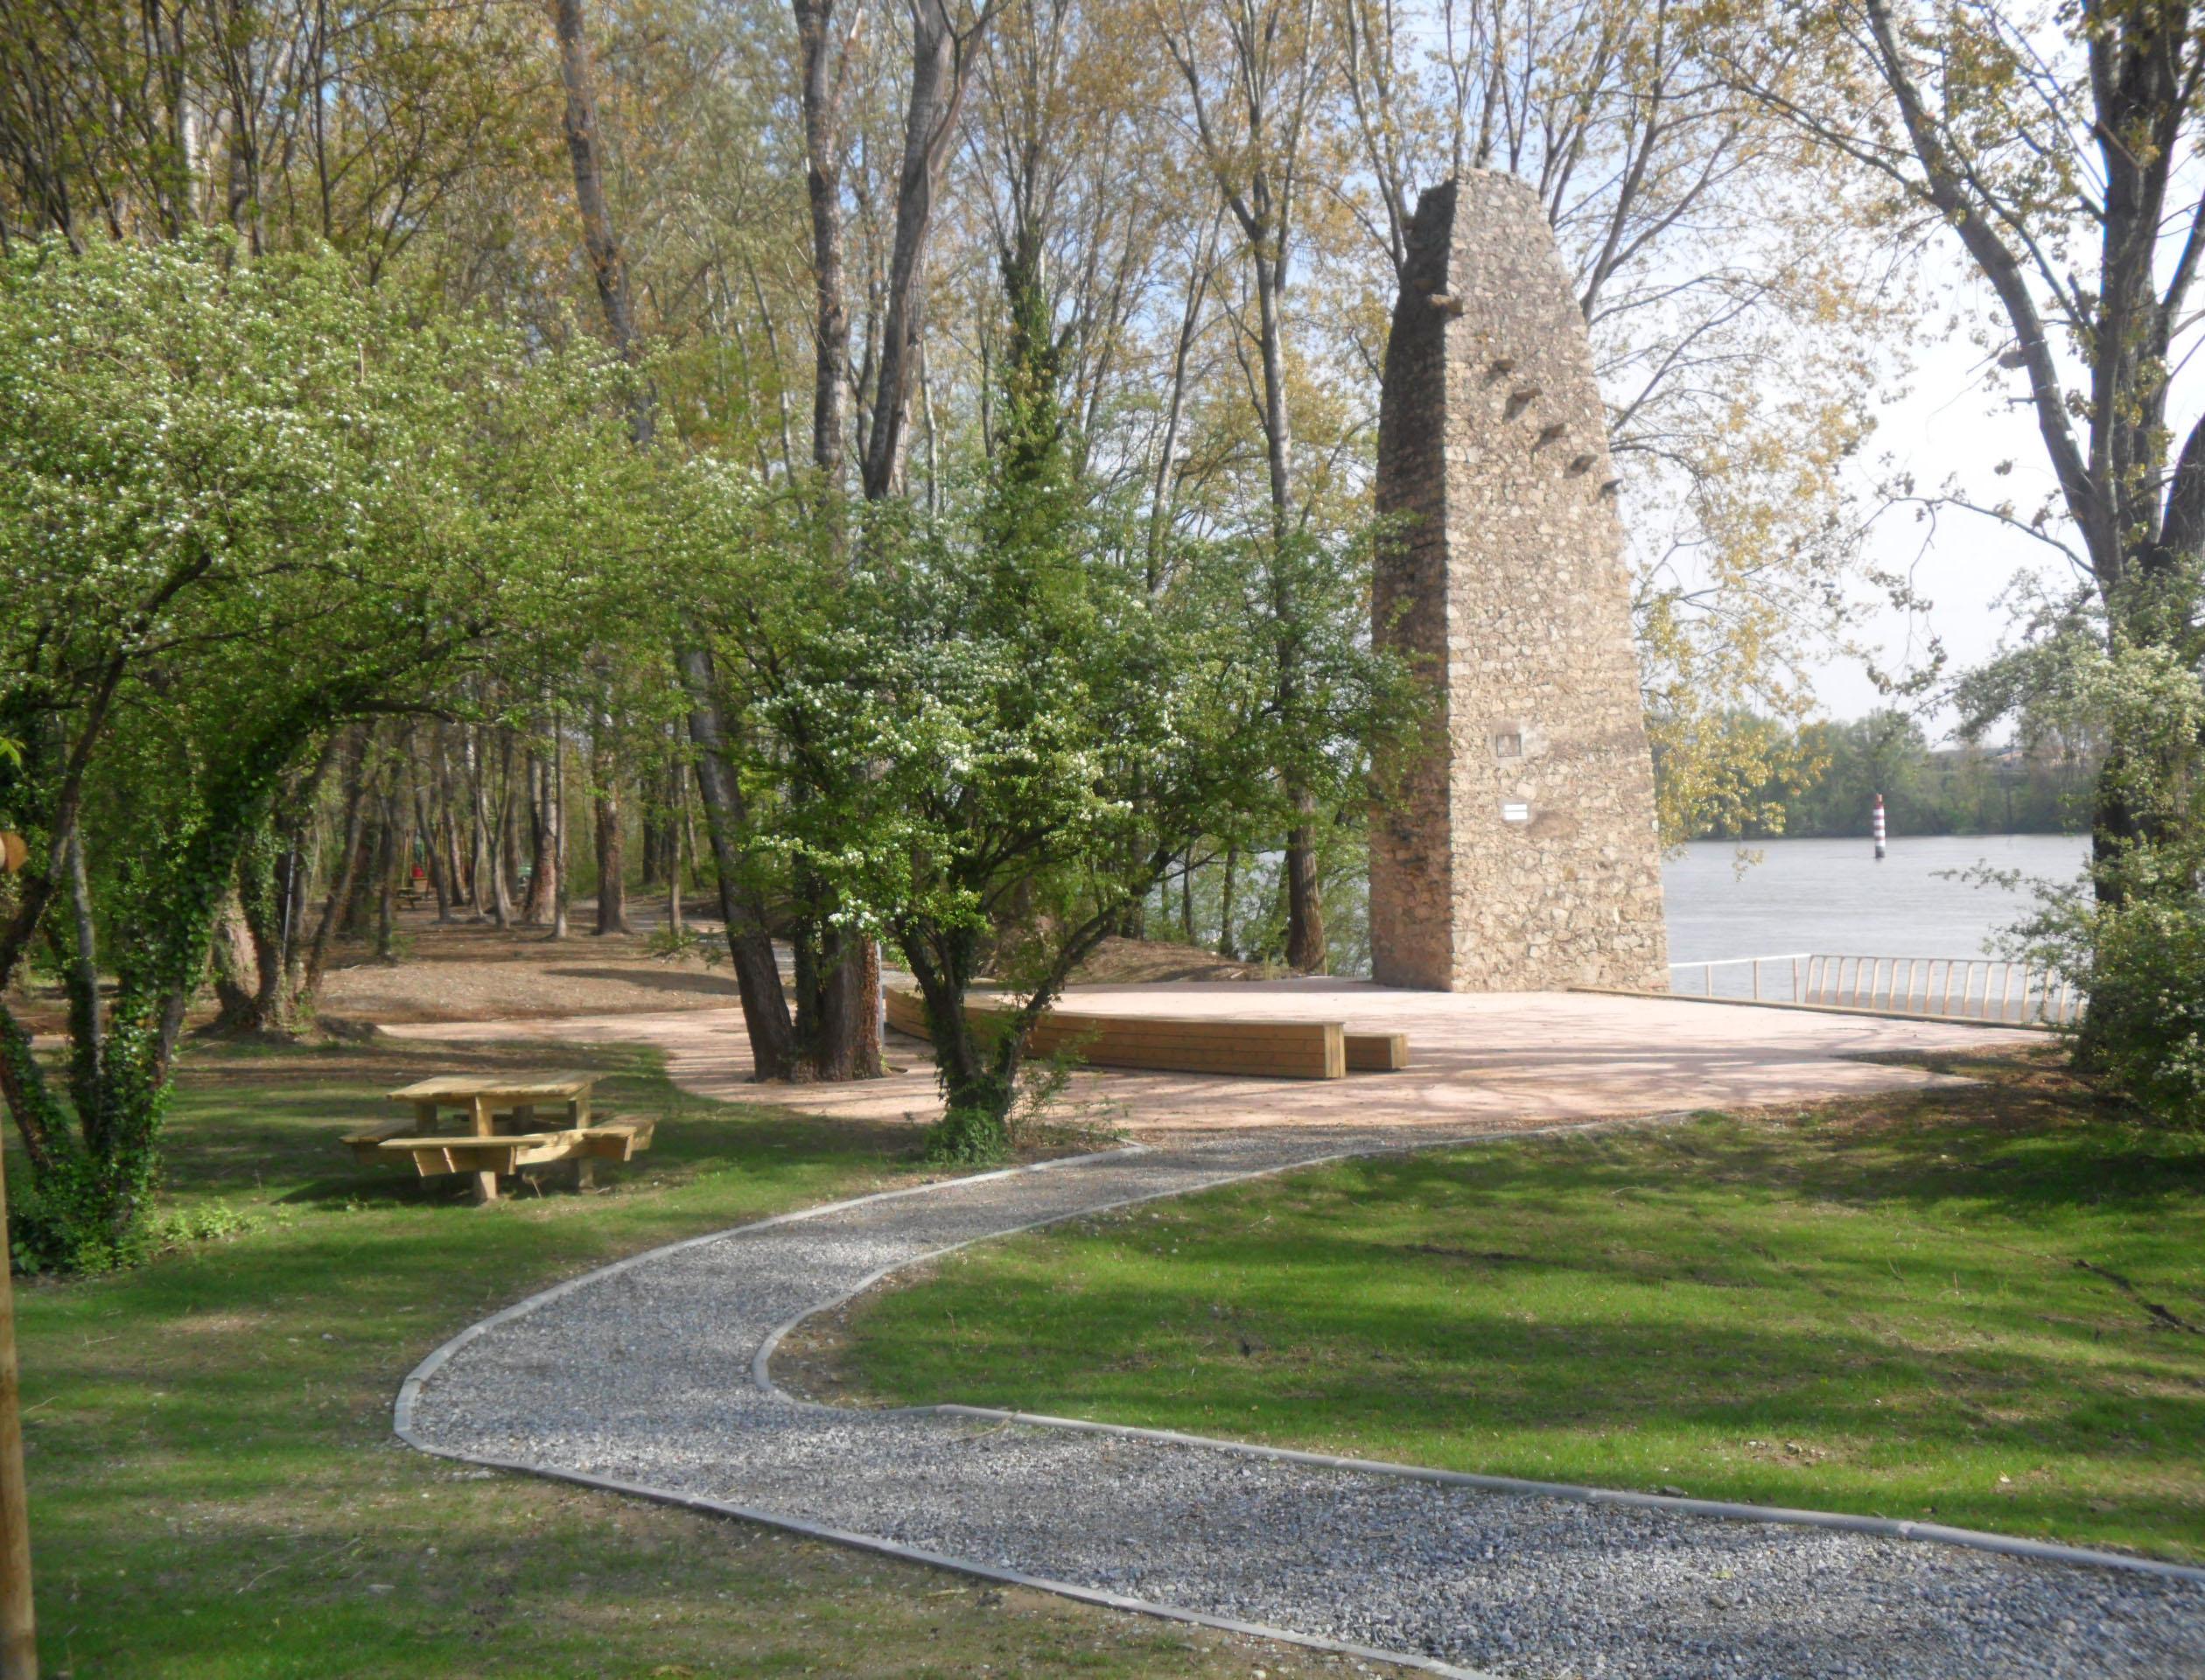 Mise en valeur du site du bac à traille sur le Rhône (Champagne, Ardèche)